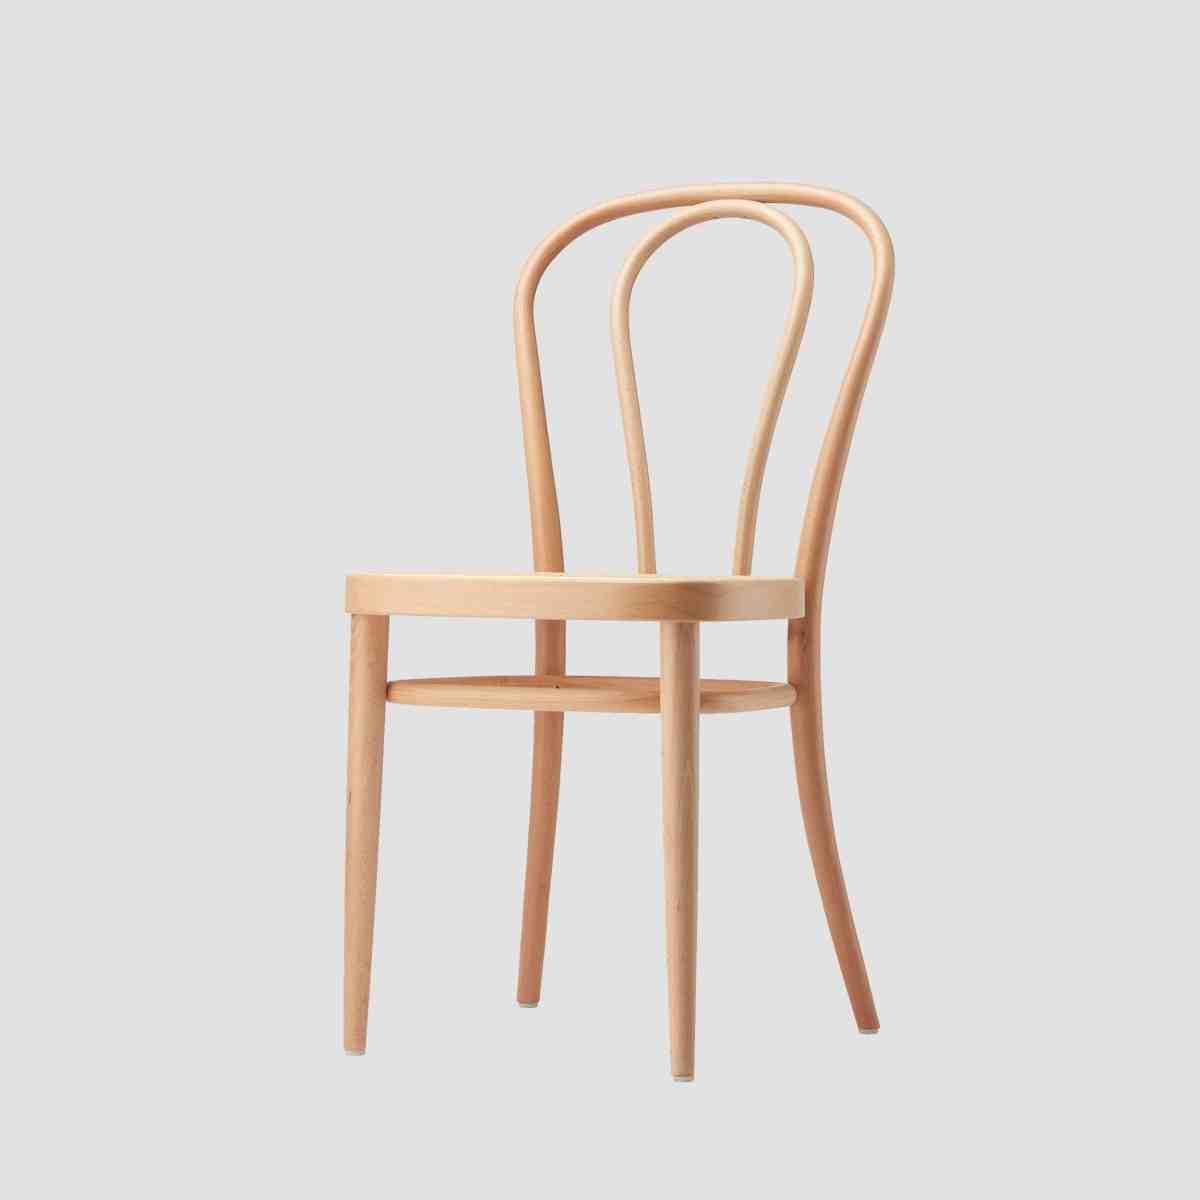 thonet-218-beech-chair-side-001